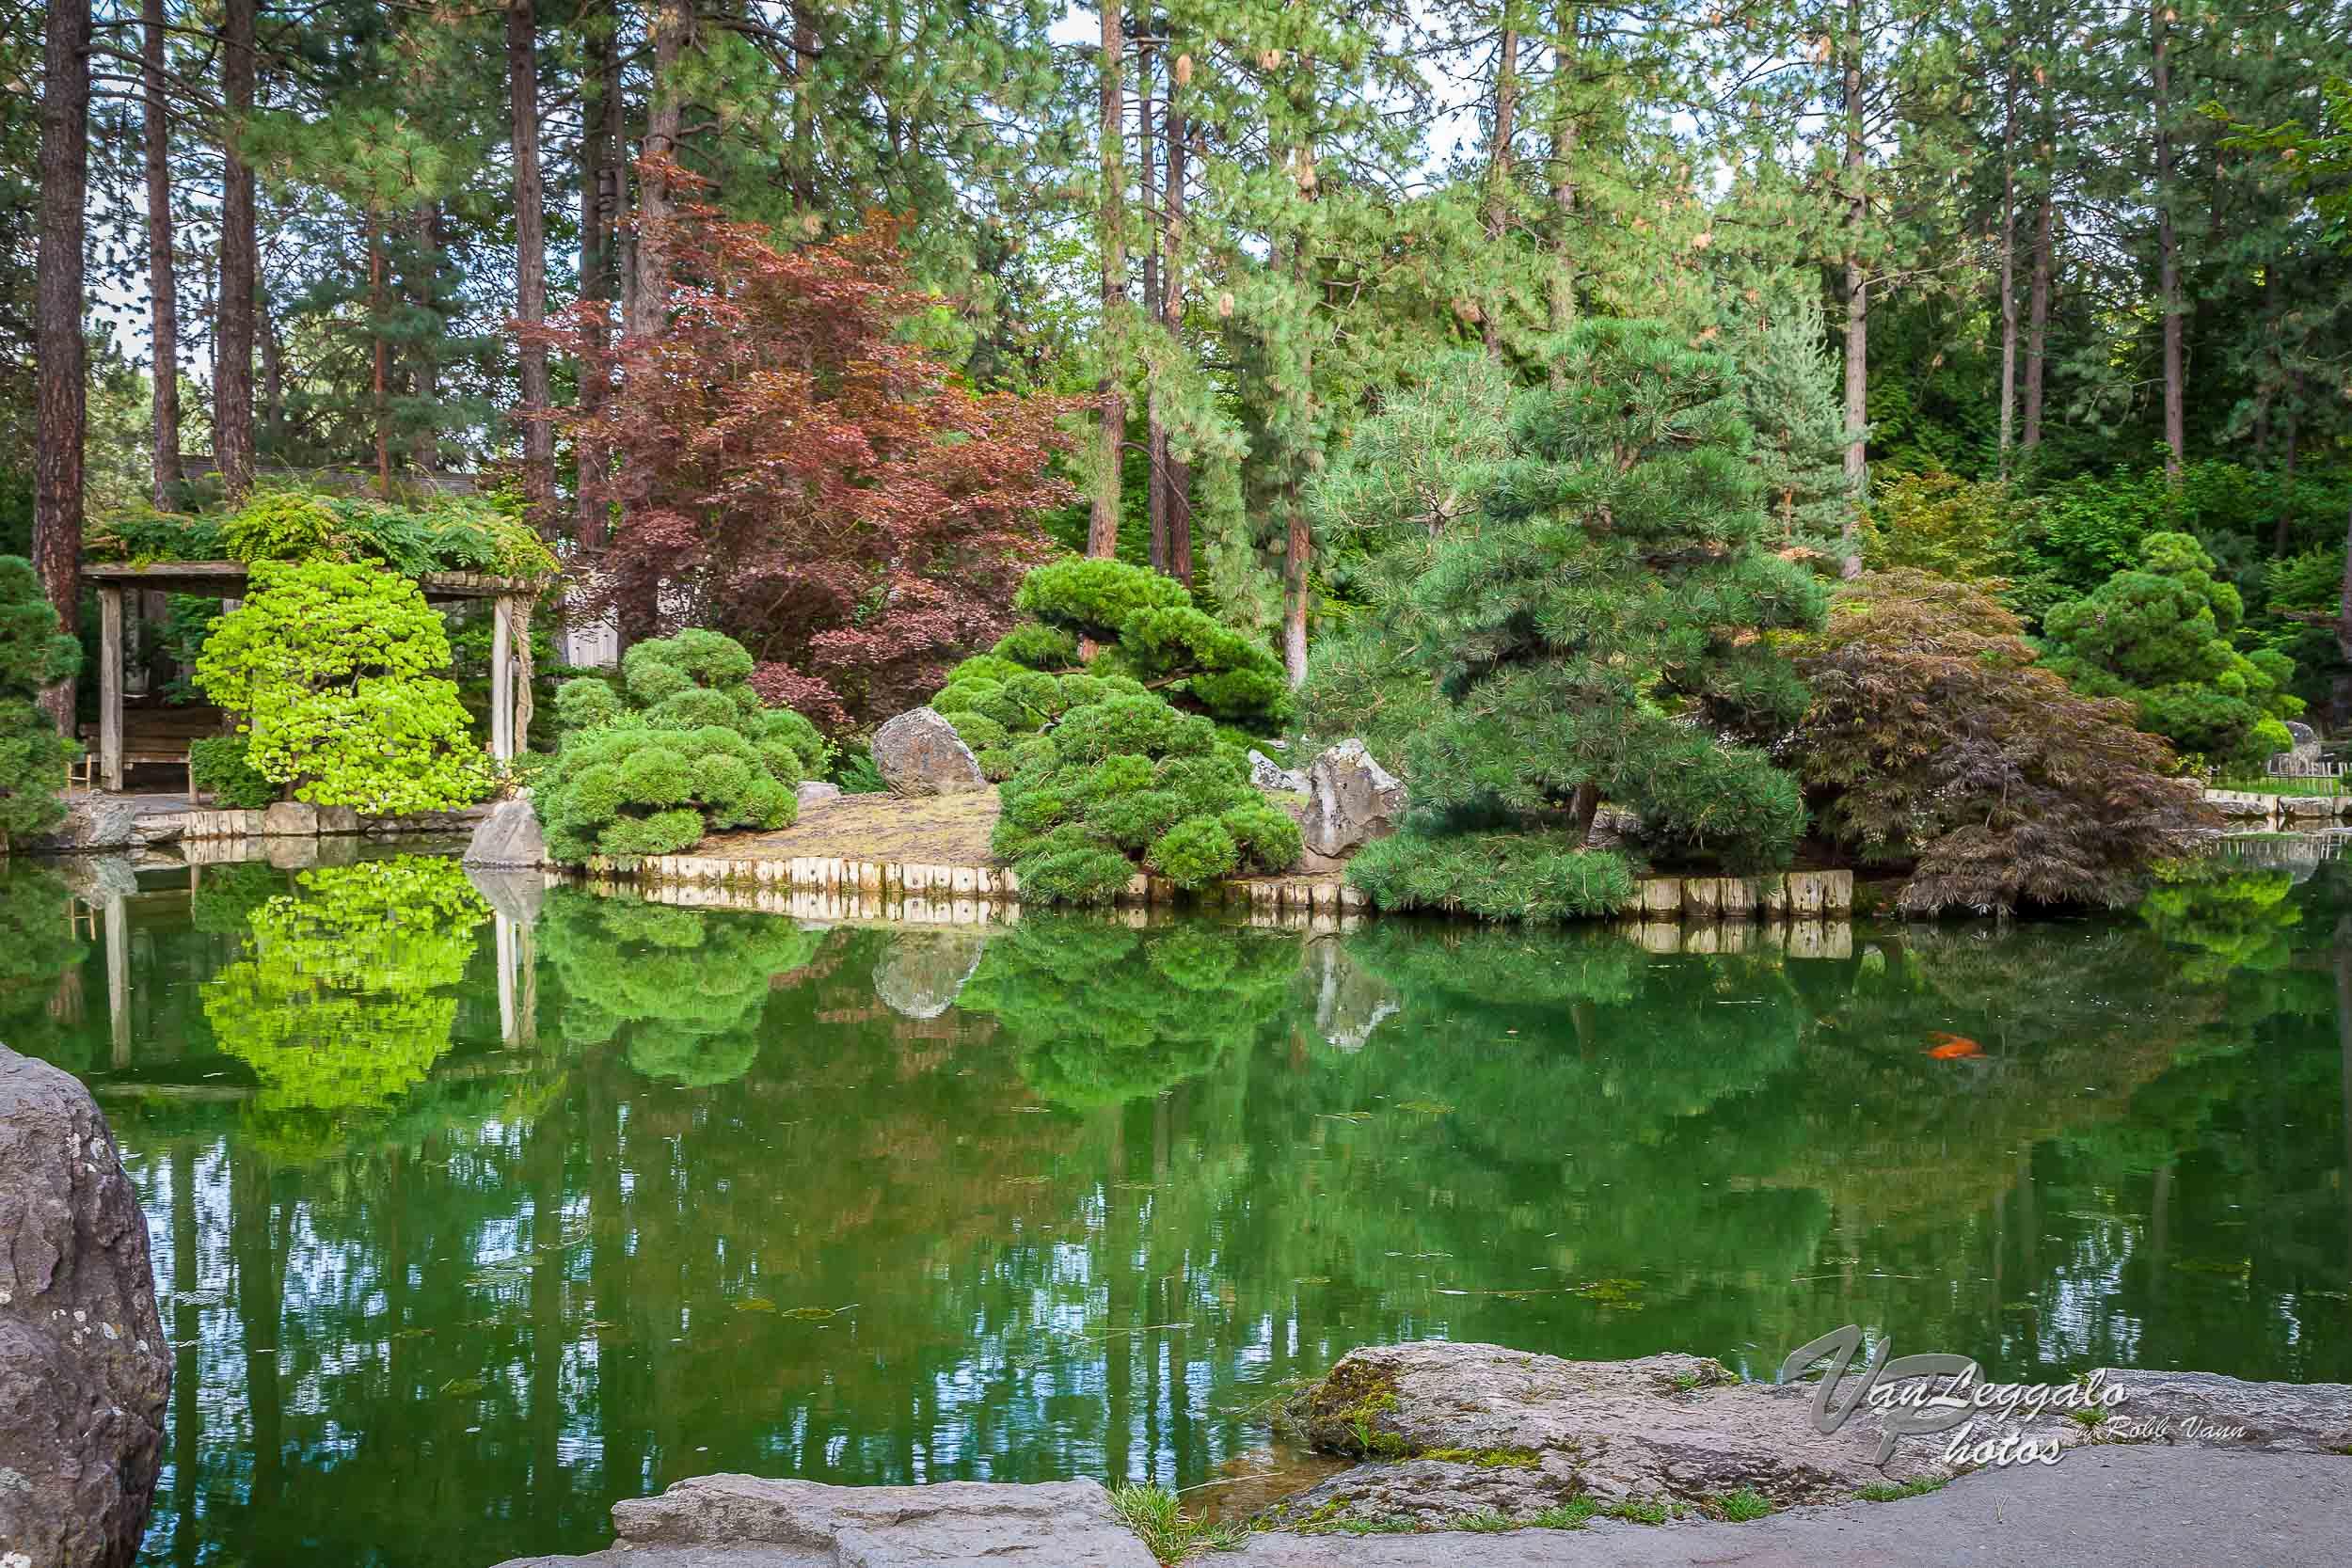 duncan-garden-spokane-washington-4.jpg